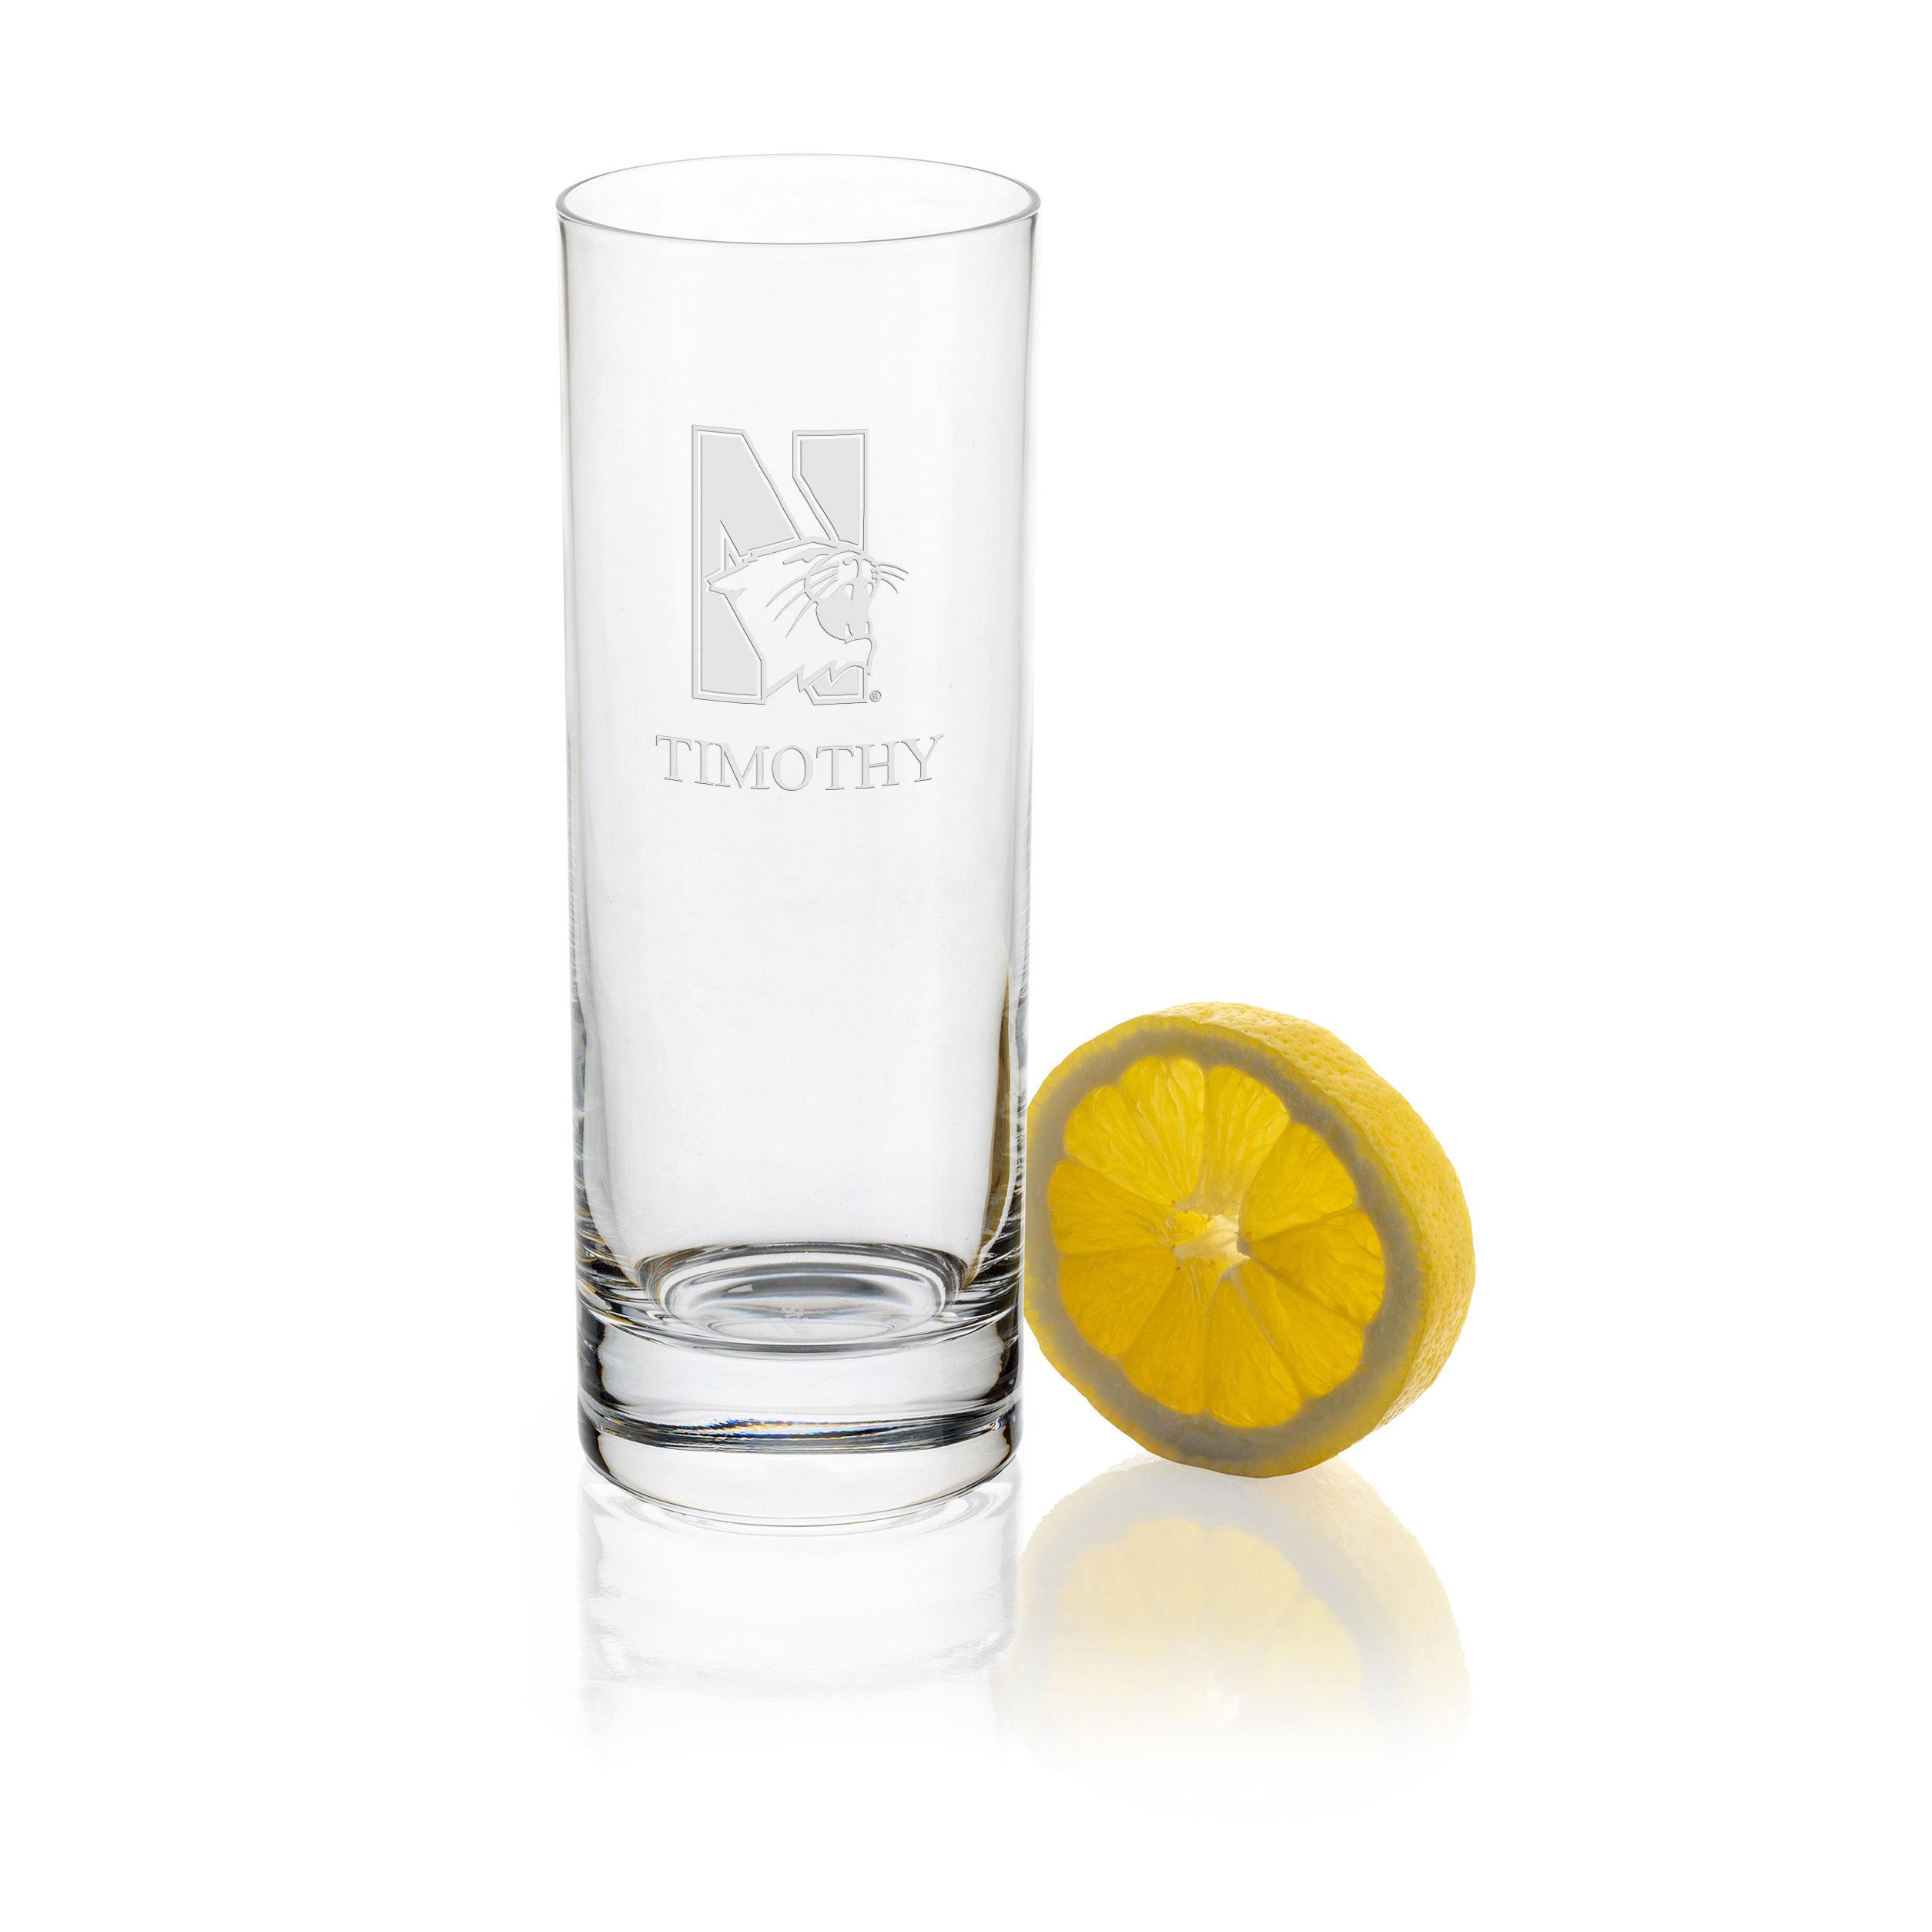 Northwestern University Iced Beverage Glasses - Set of 2